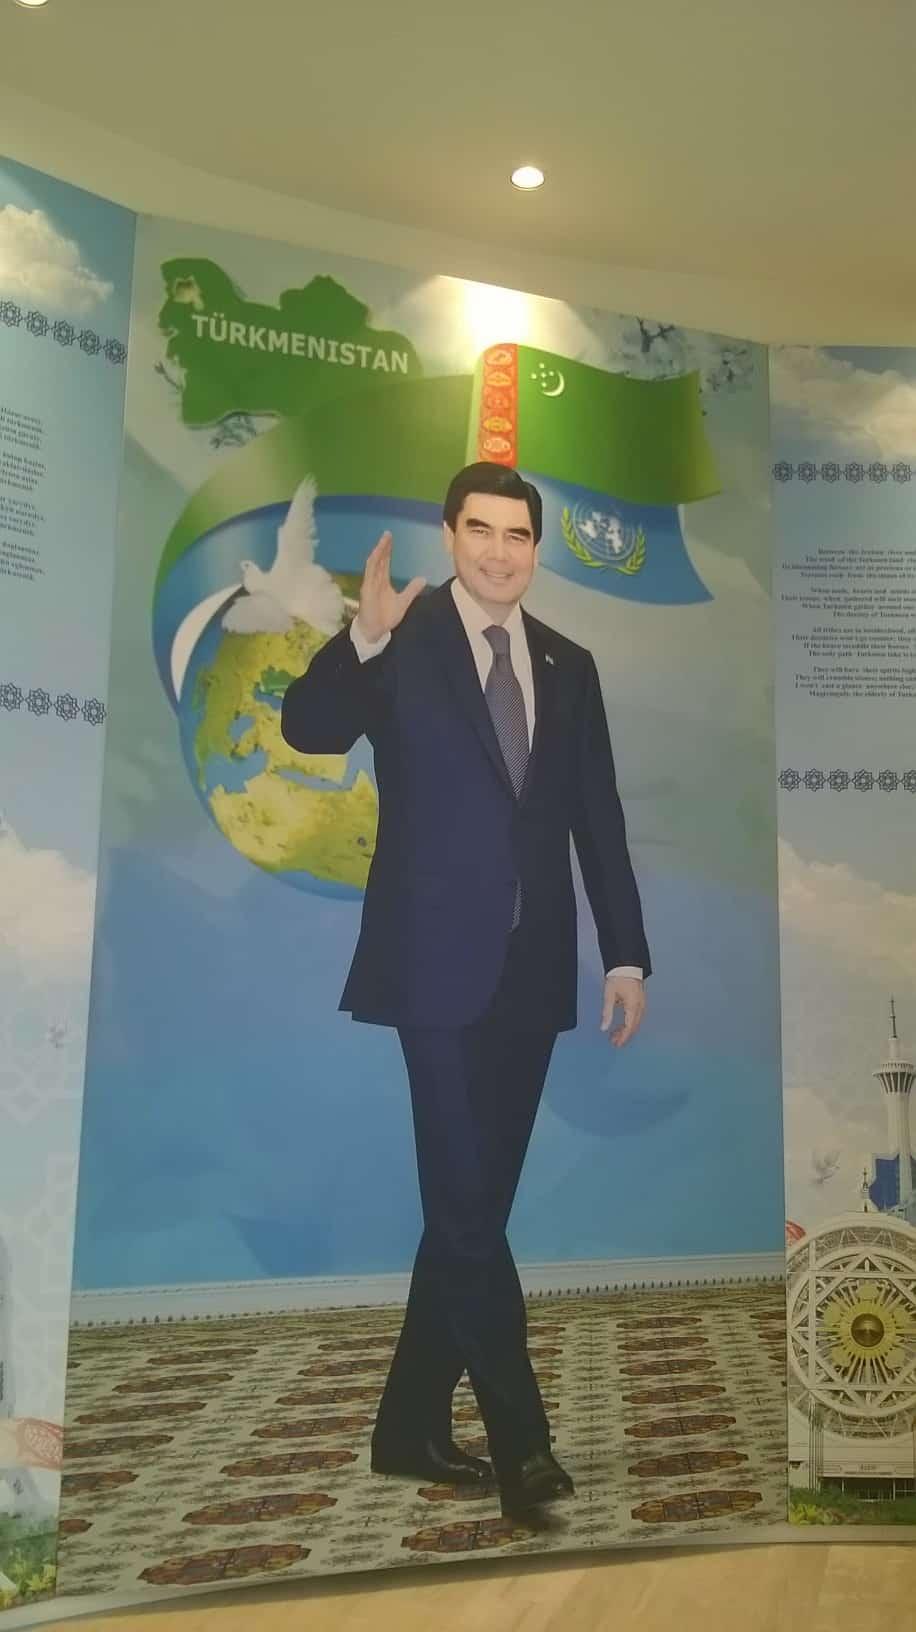 Turkmenistan's leader